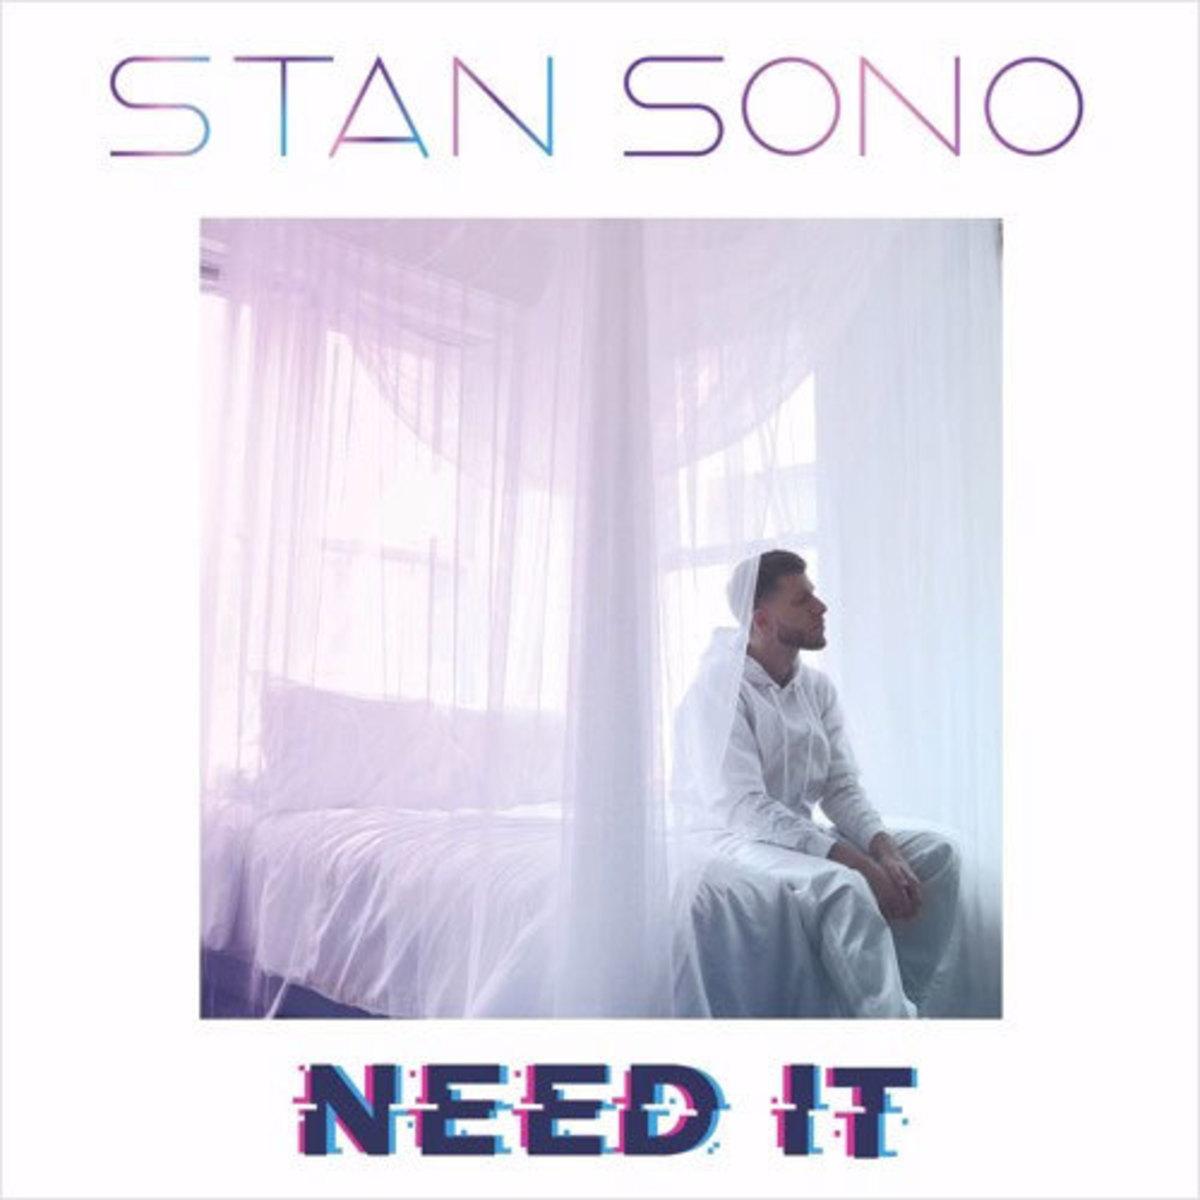 stan-sono-need-it.jpg